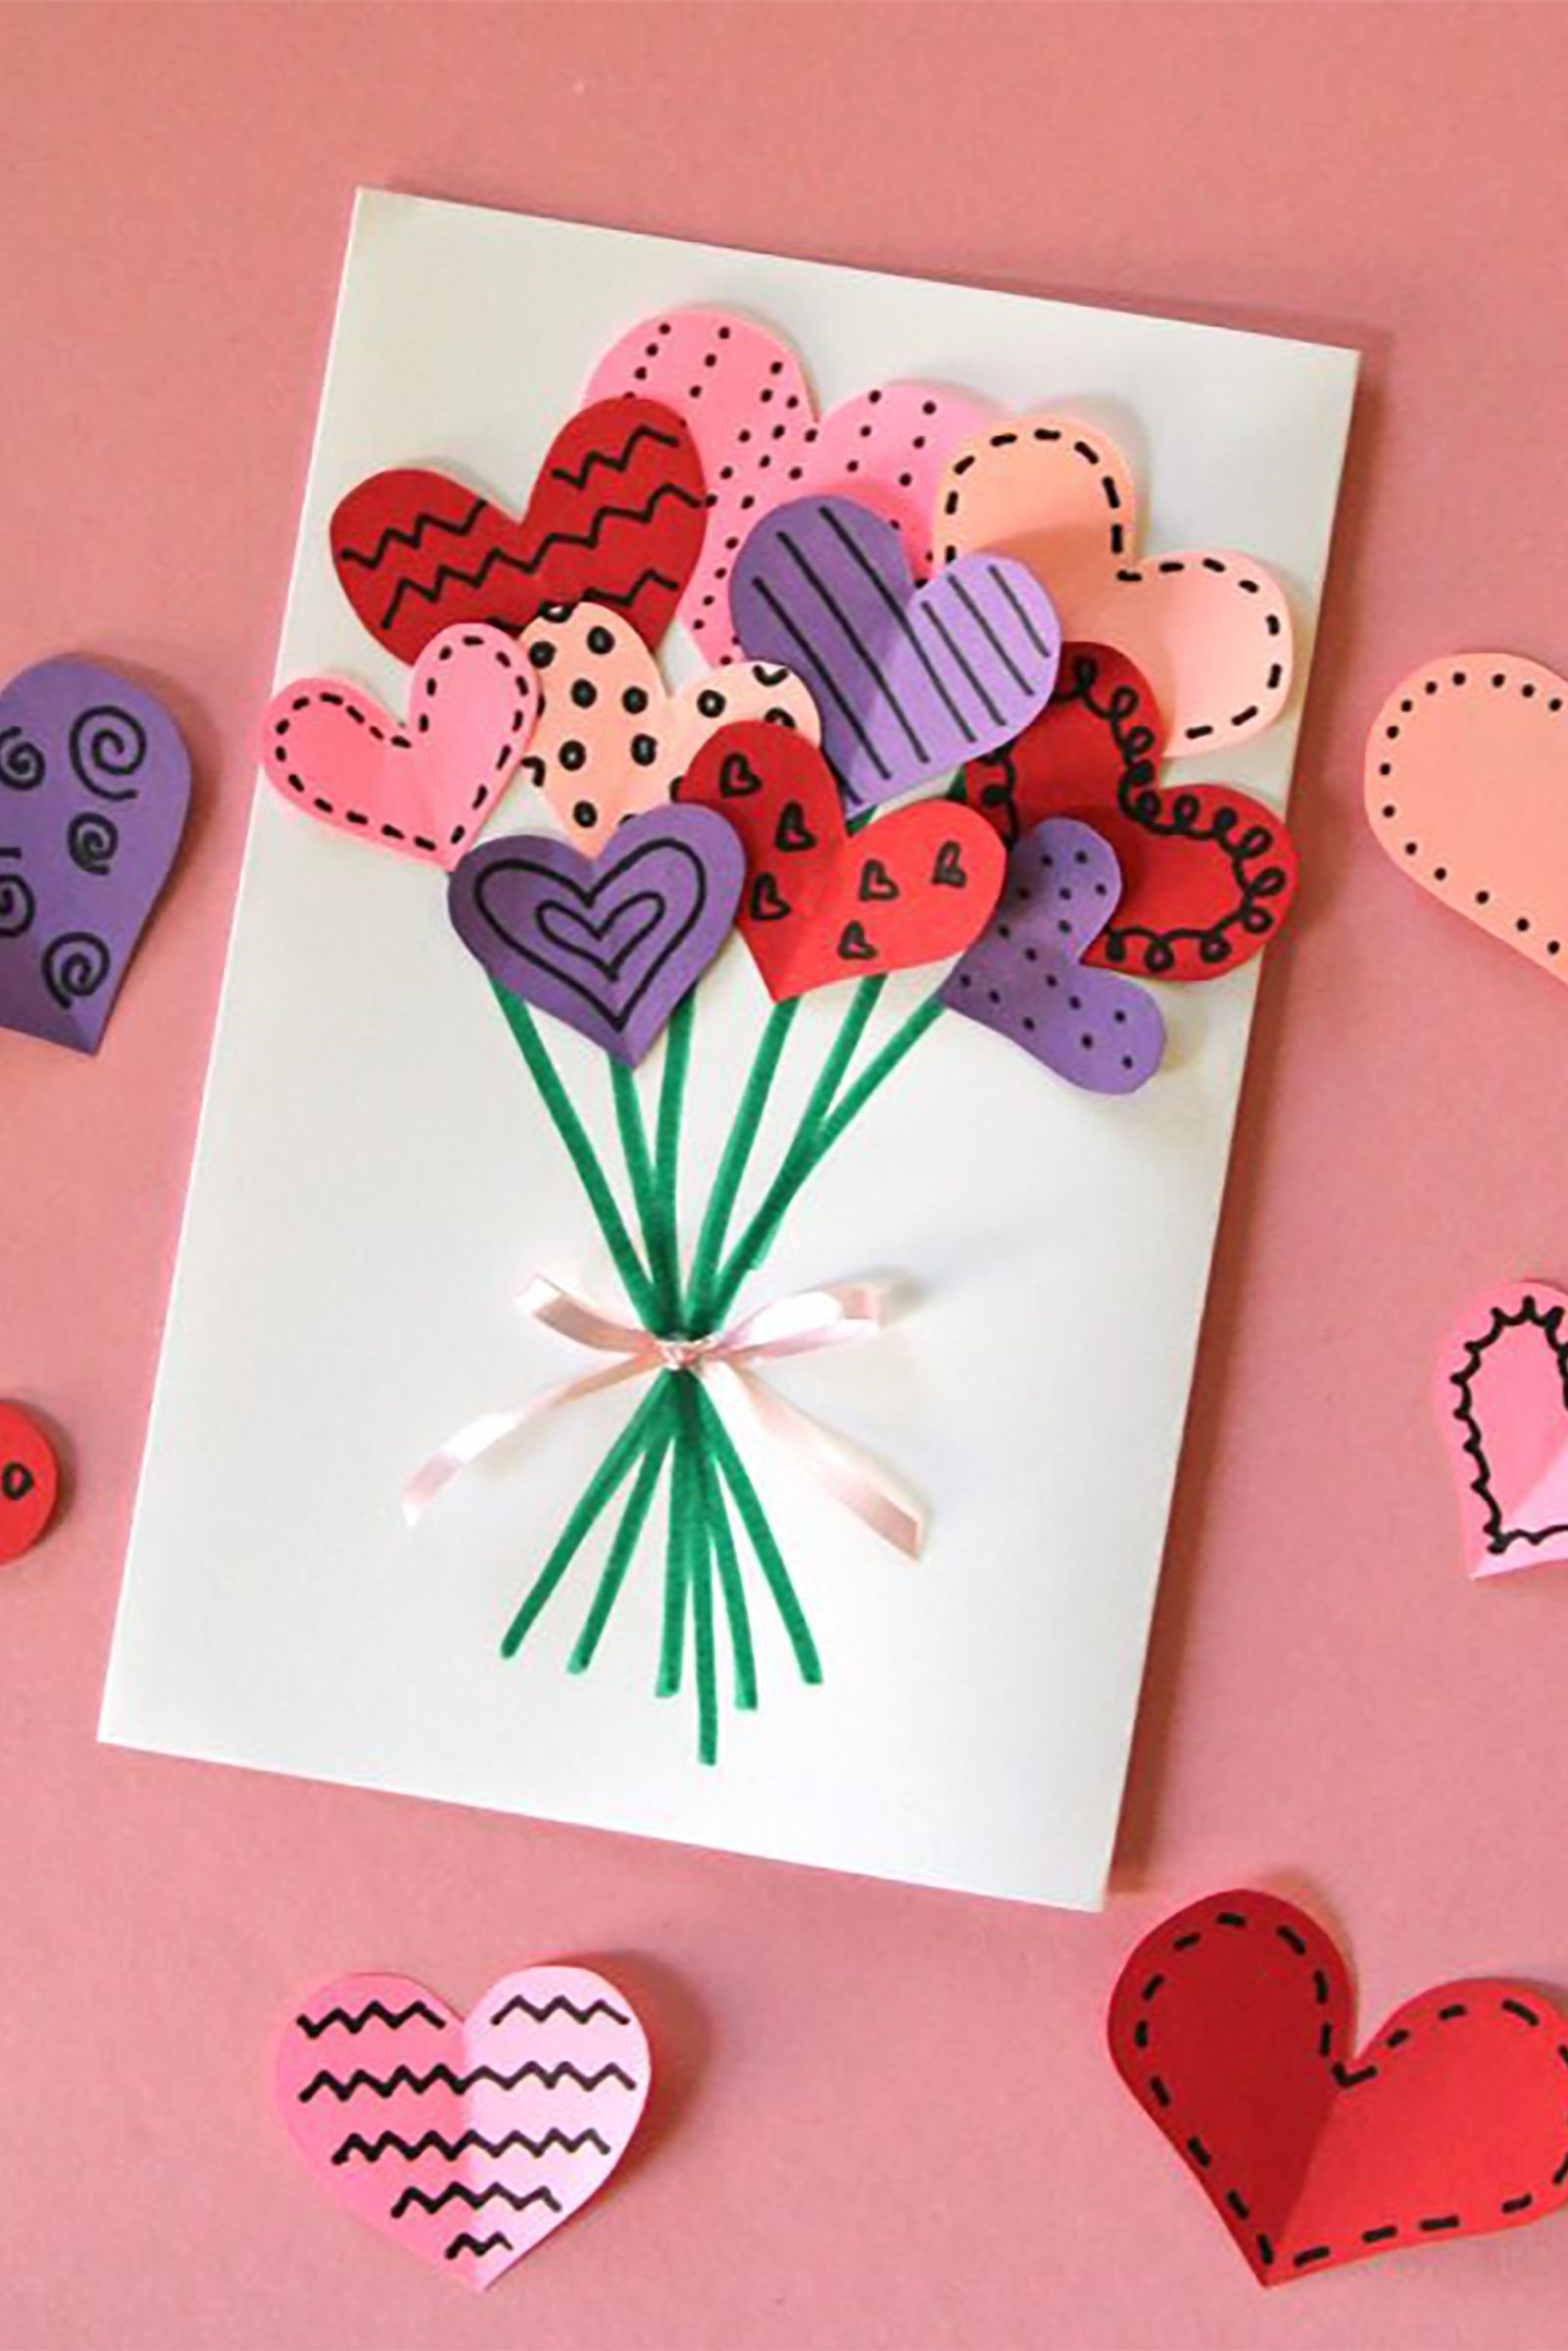 Carte DIY de Saint-Valentin pour lui que vous pouvez réaliser en quelques minutes.